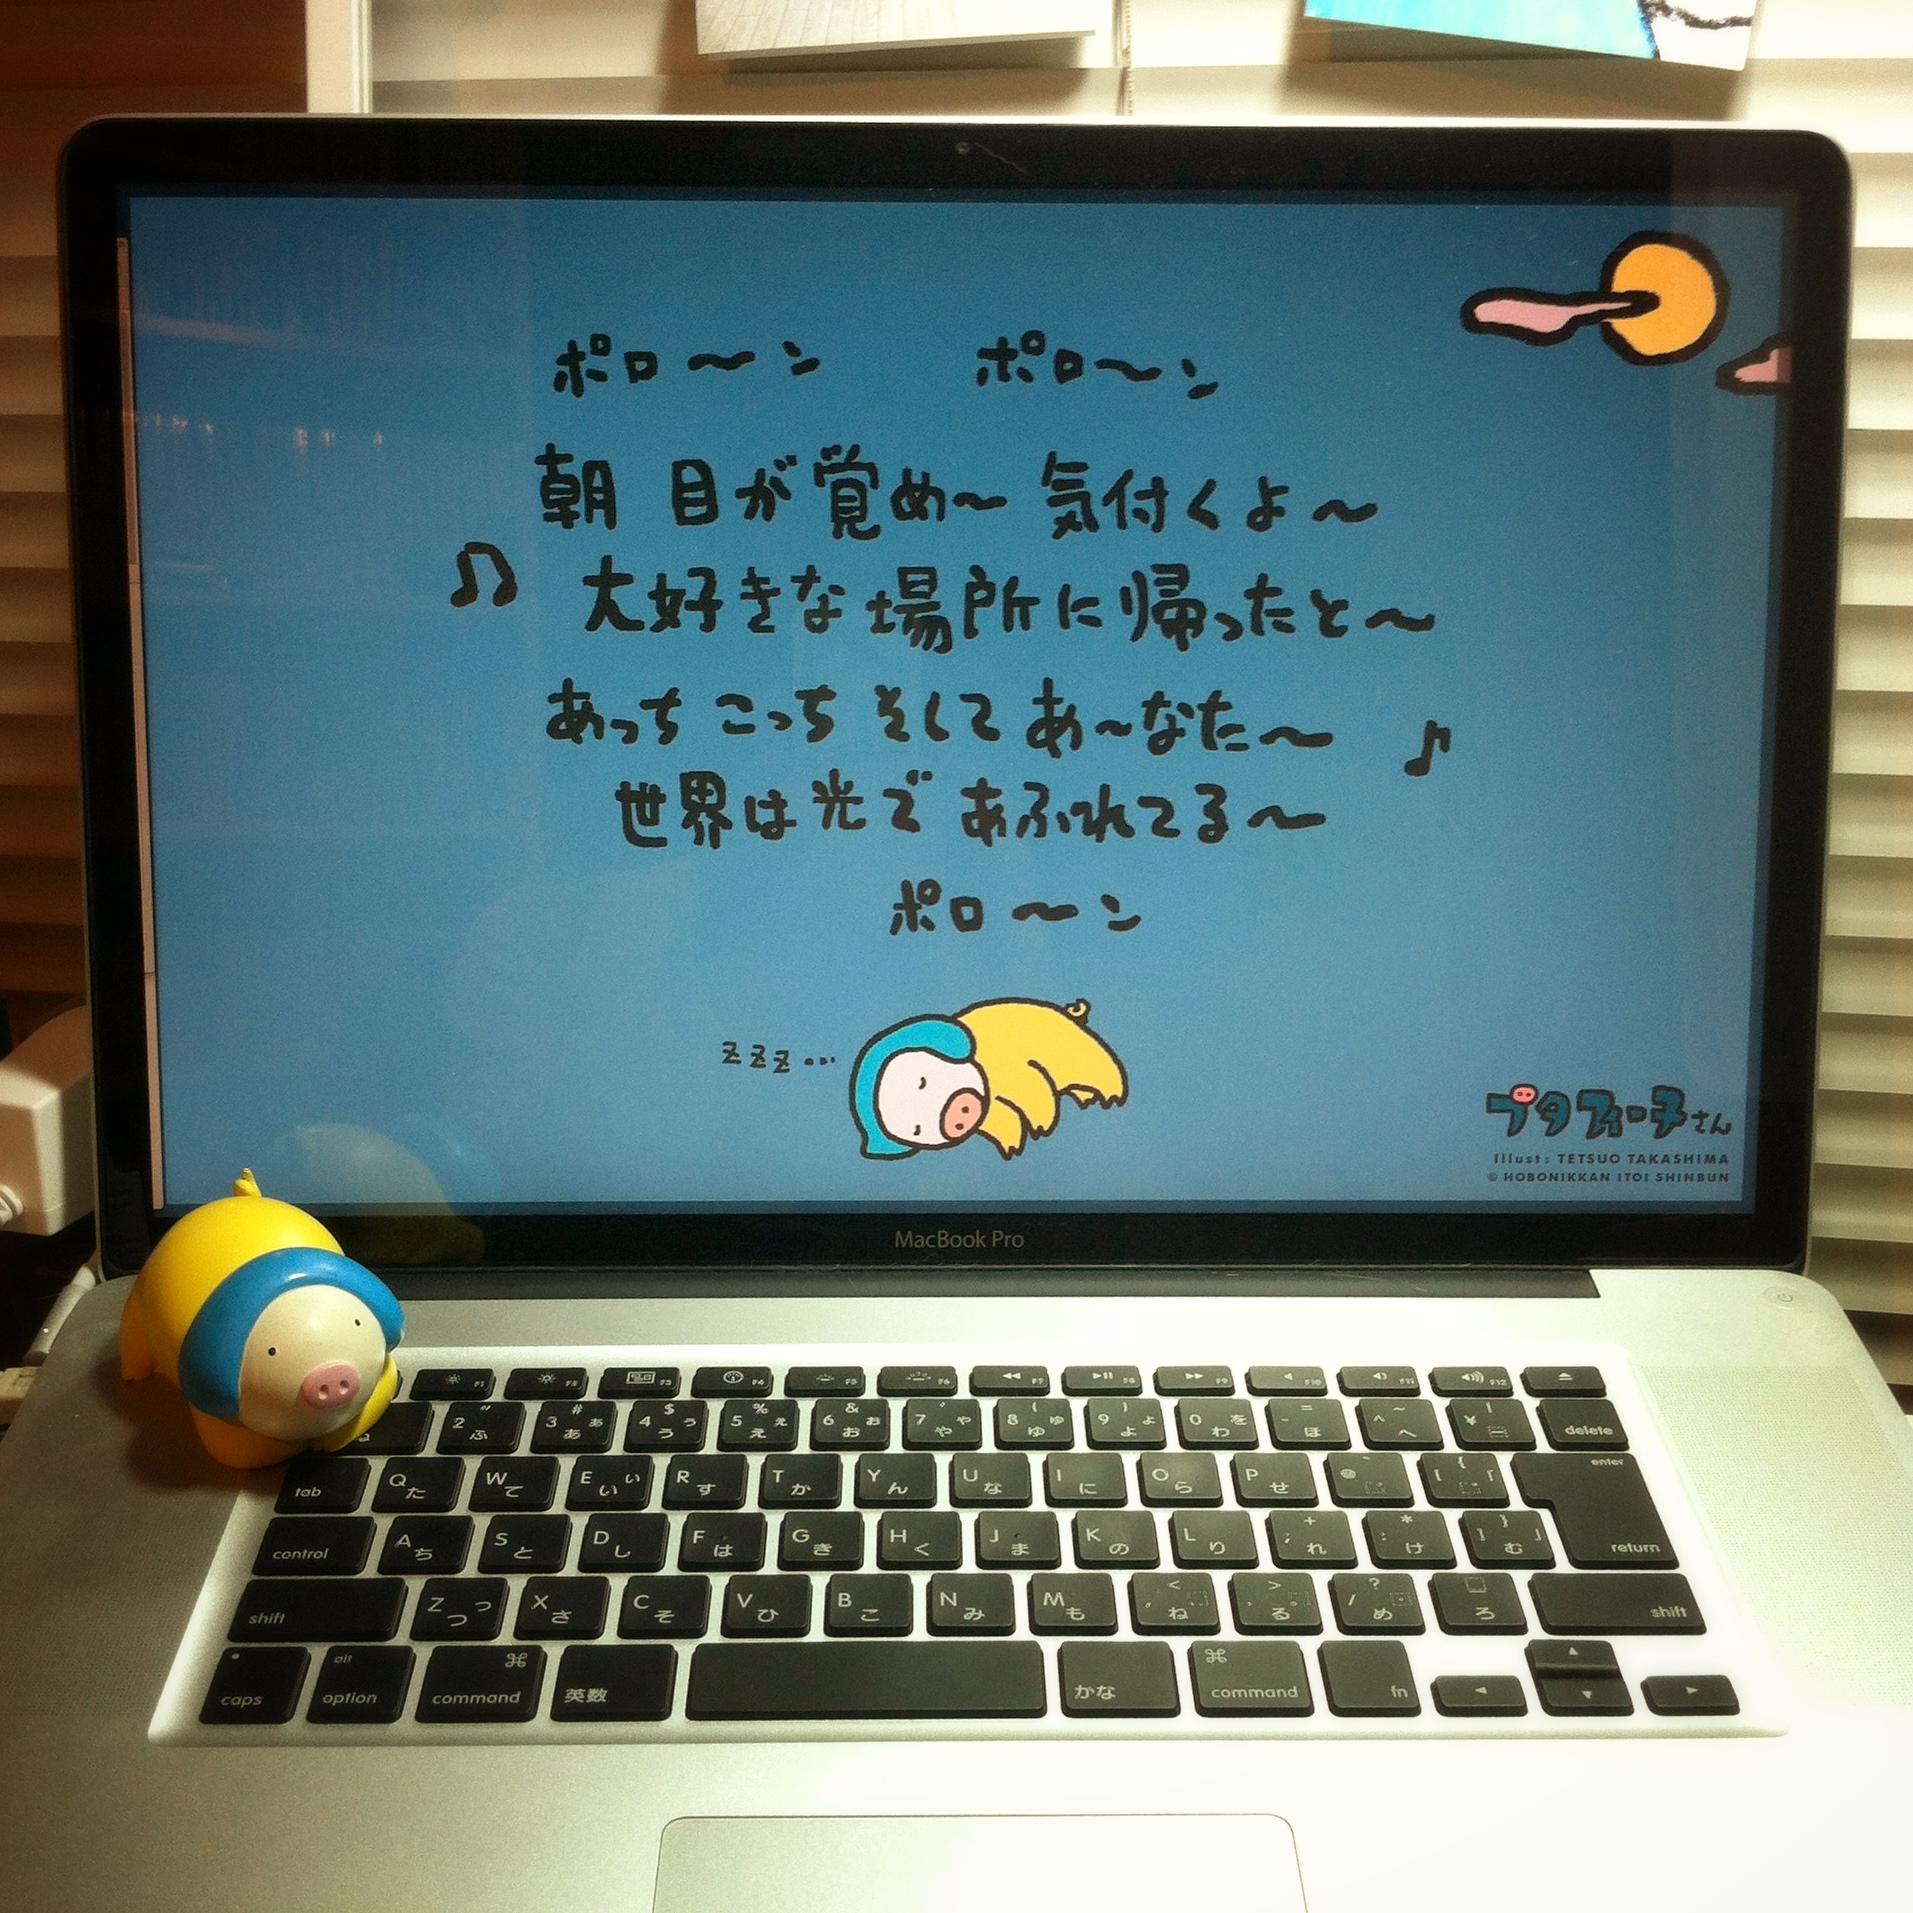 2012-09-26 02.18.27.jpg